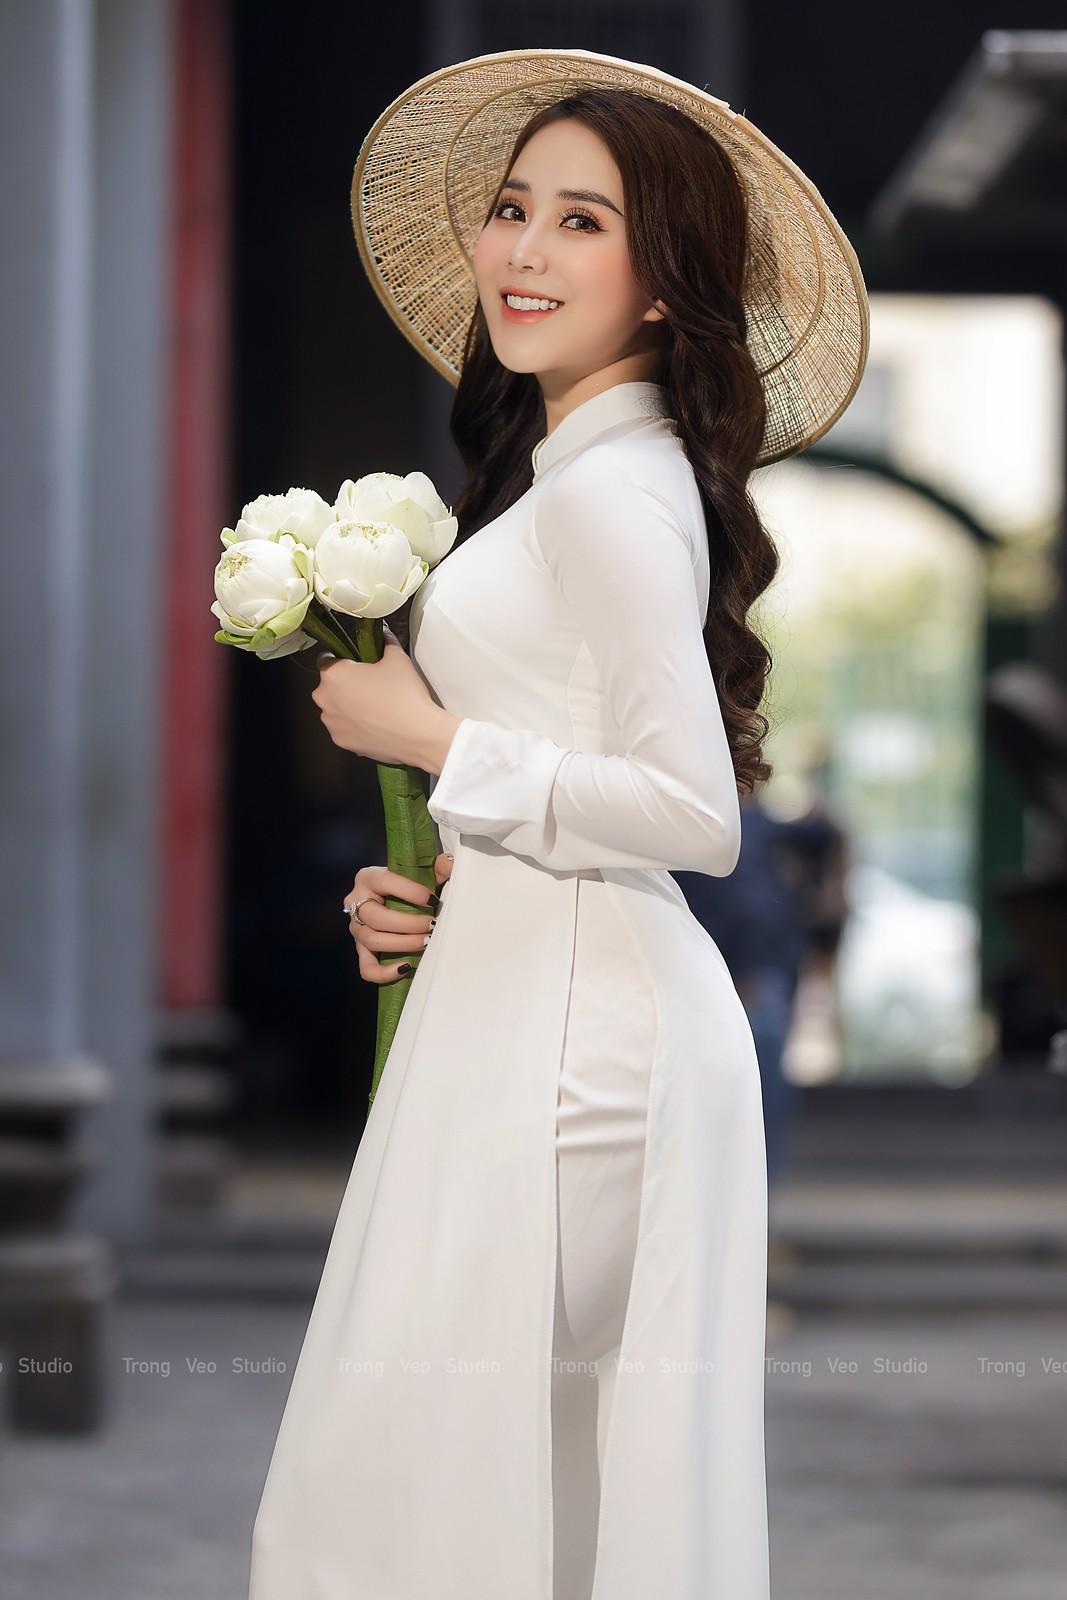 Ngắm hot girl Lục Anh xinh đẹp như hoa không sao tả xiết trong tà áo dài truyền thống - 4